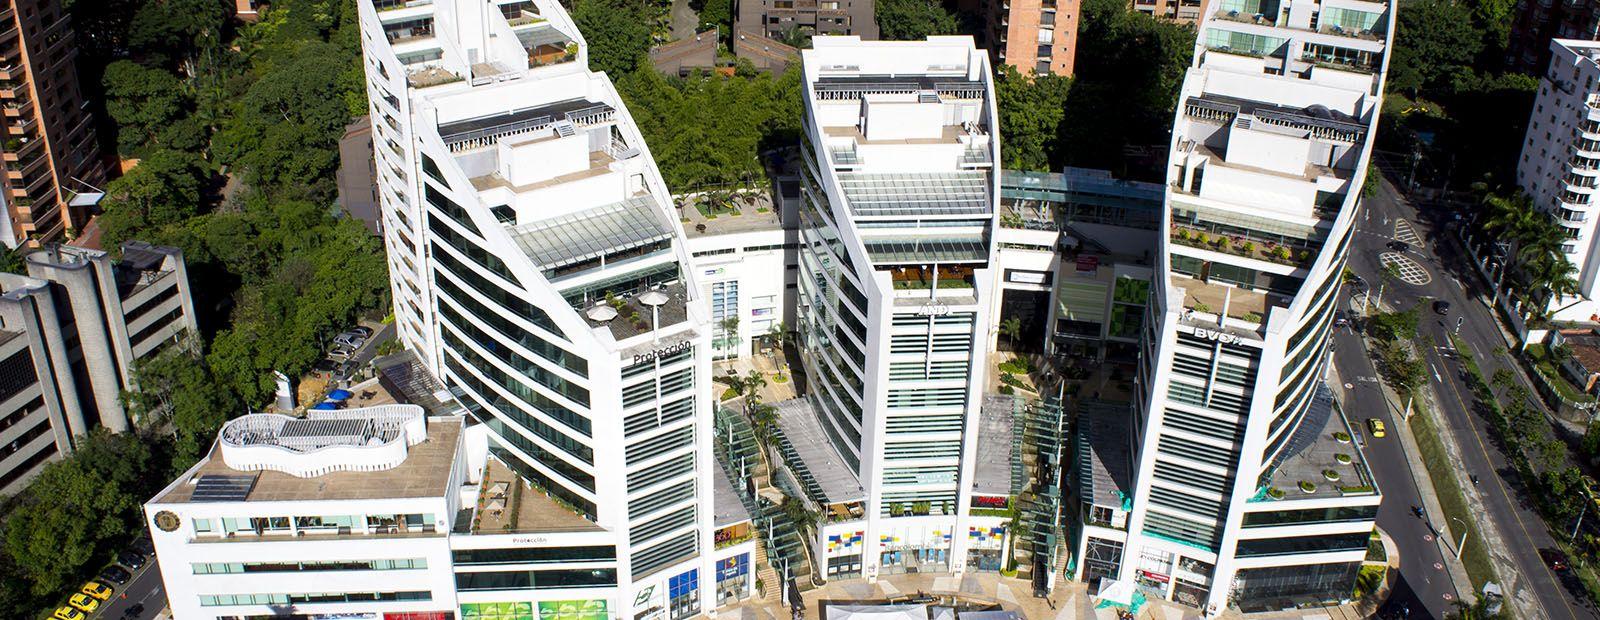 Fotografía Aérea Edificio Protección De La Andi Hotel San Fernando Plaza Medellín Comodidad